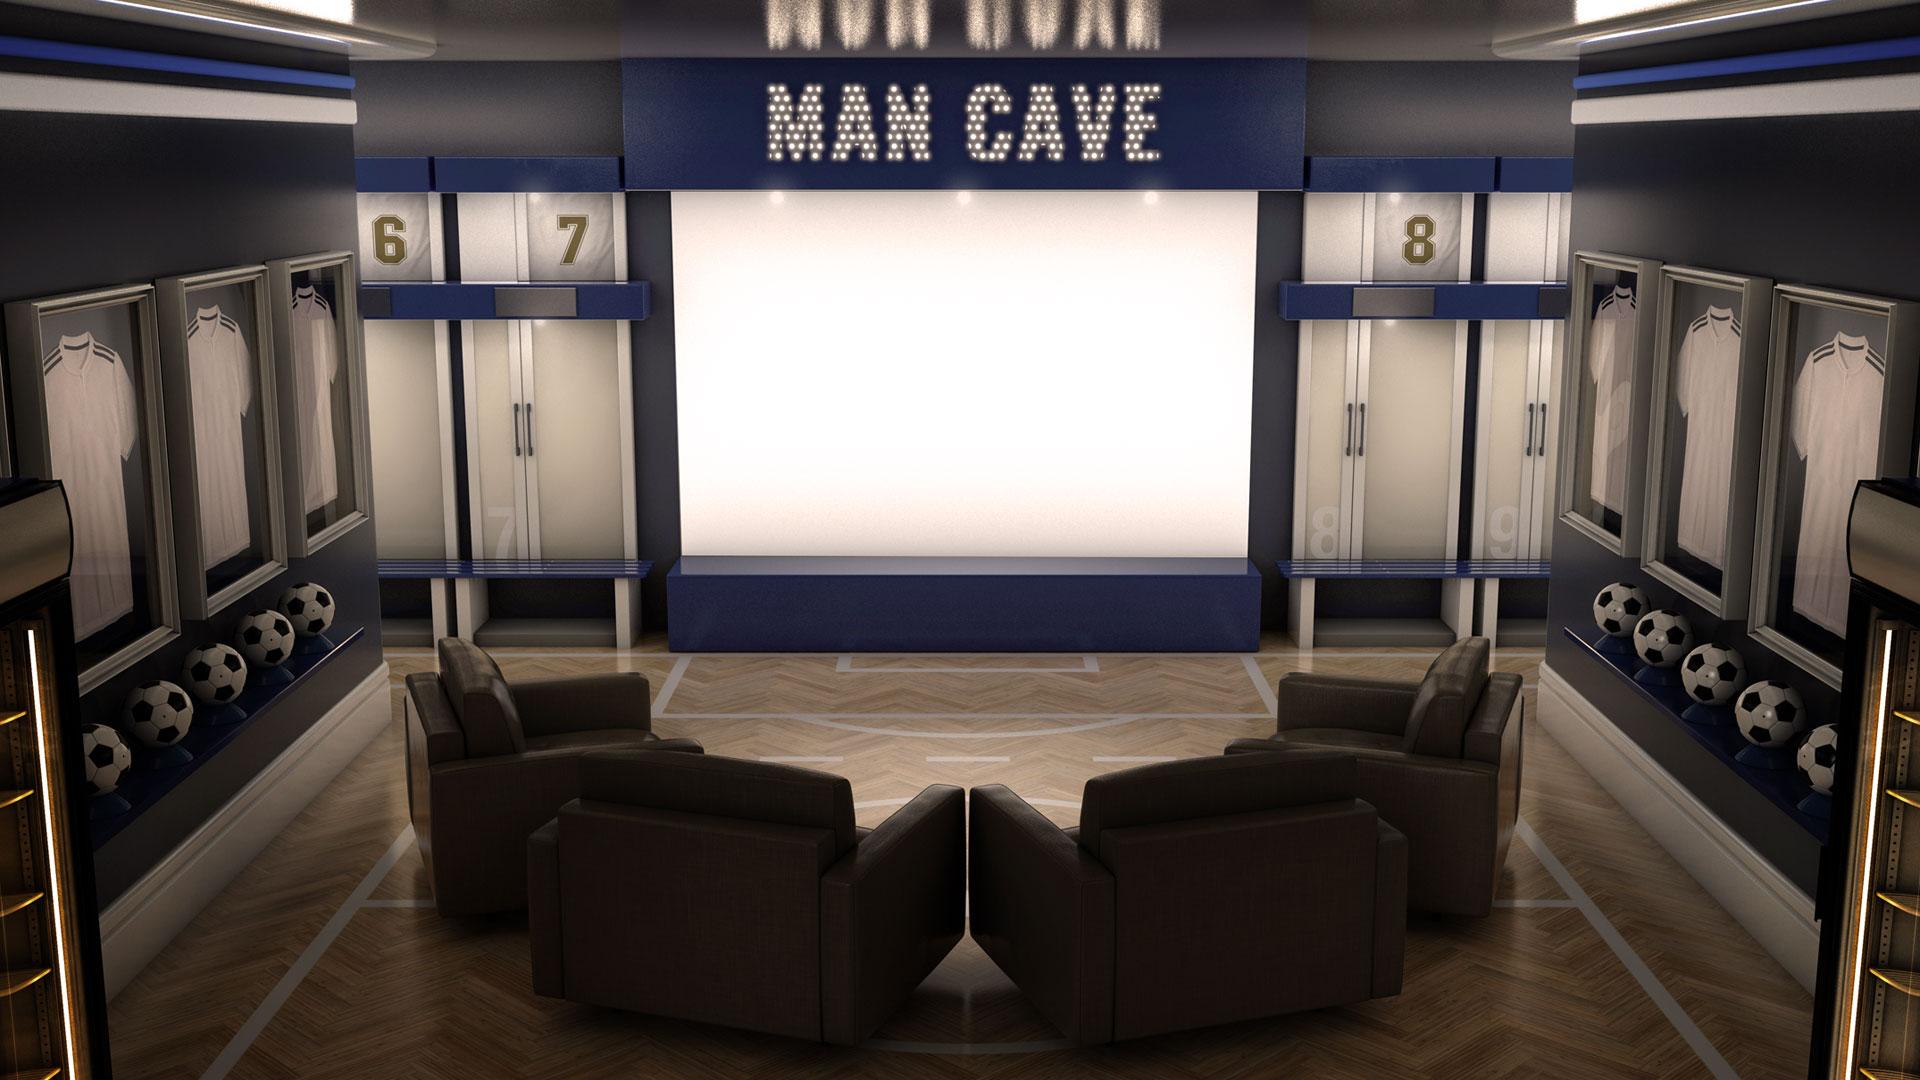 Falaram-me de um Man Cave… o que é isso afinal?